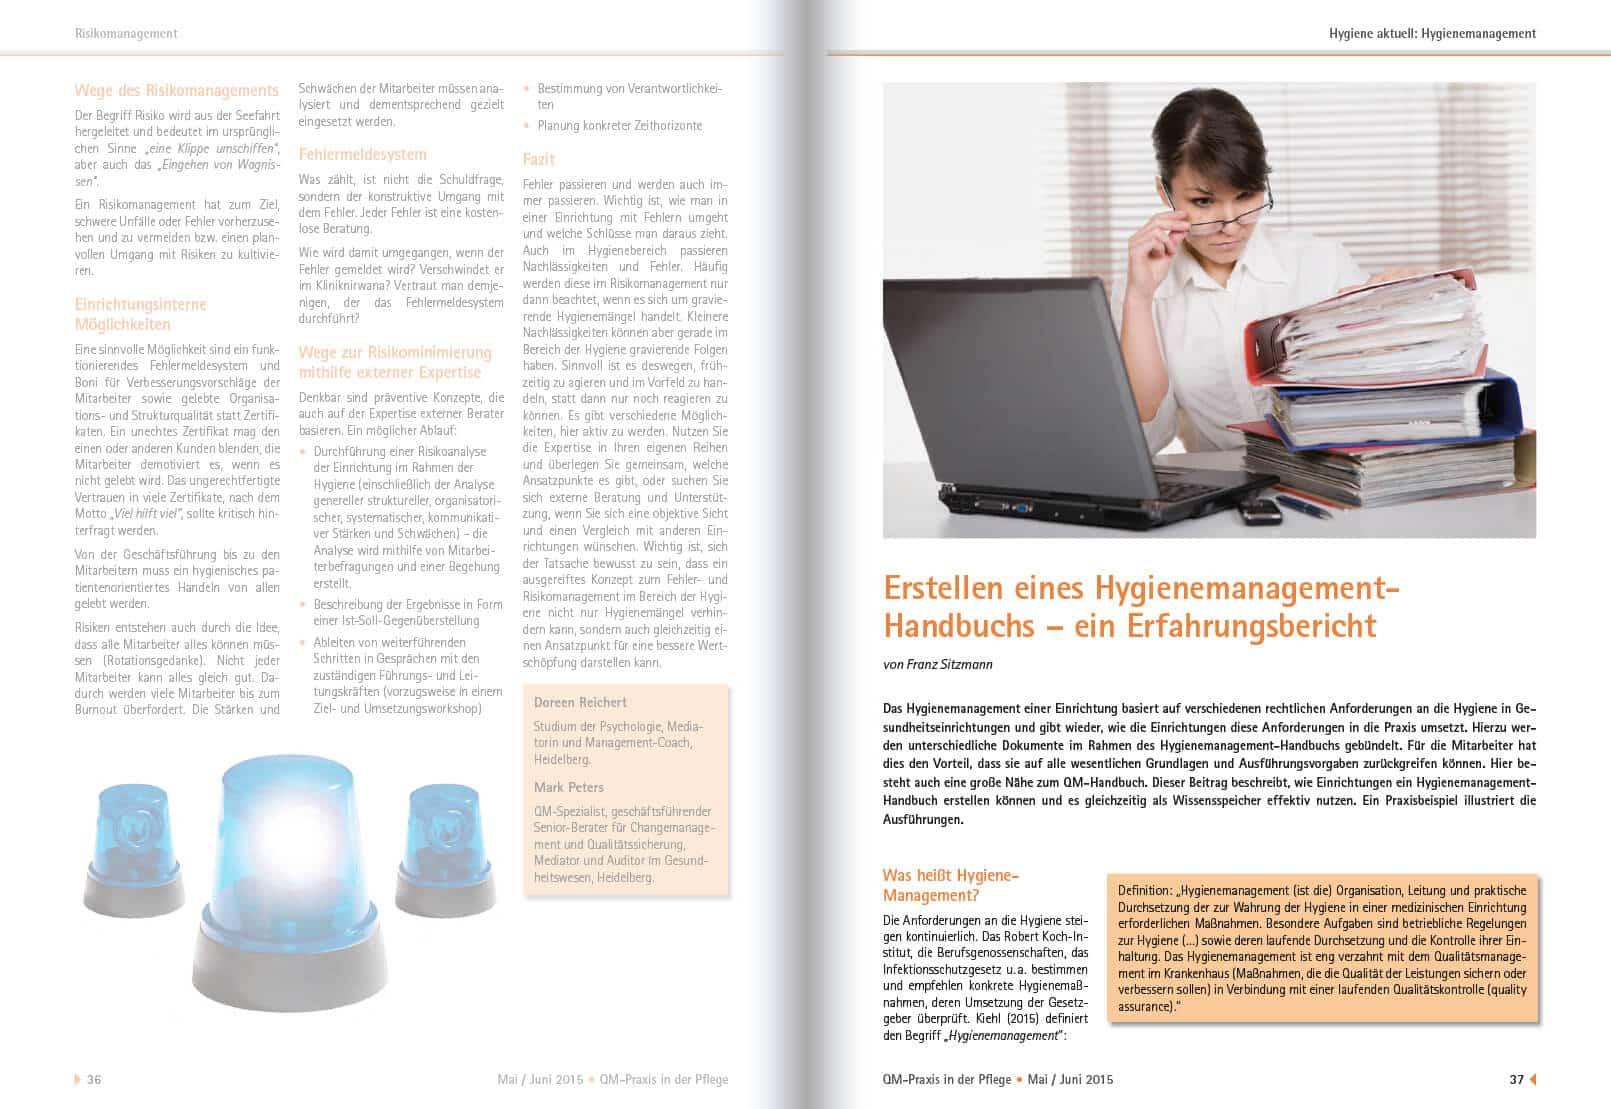 2015-05 Erstellen Hygienemanagement-Handbuch 1